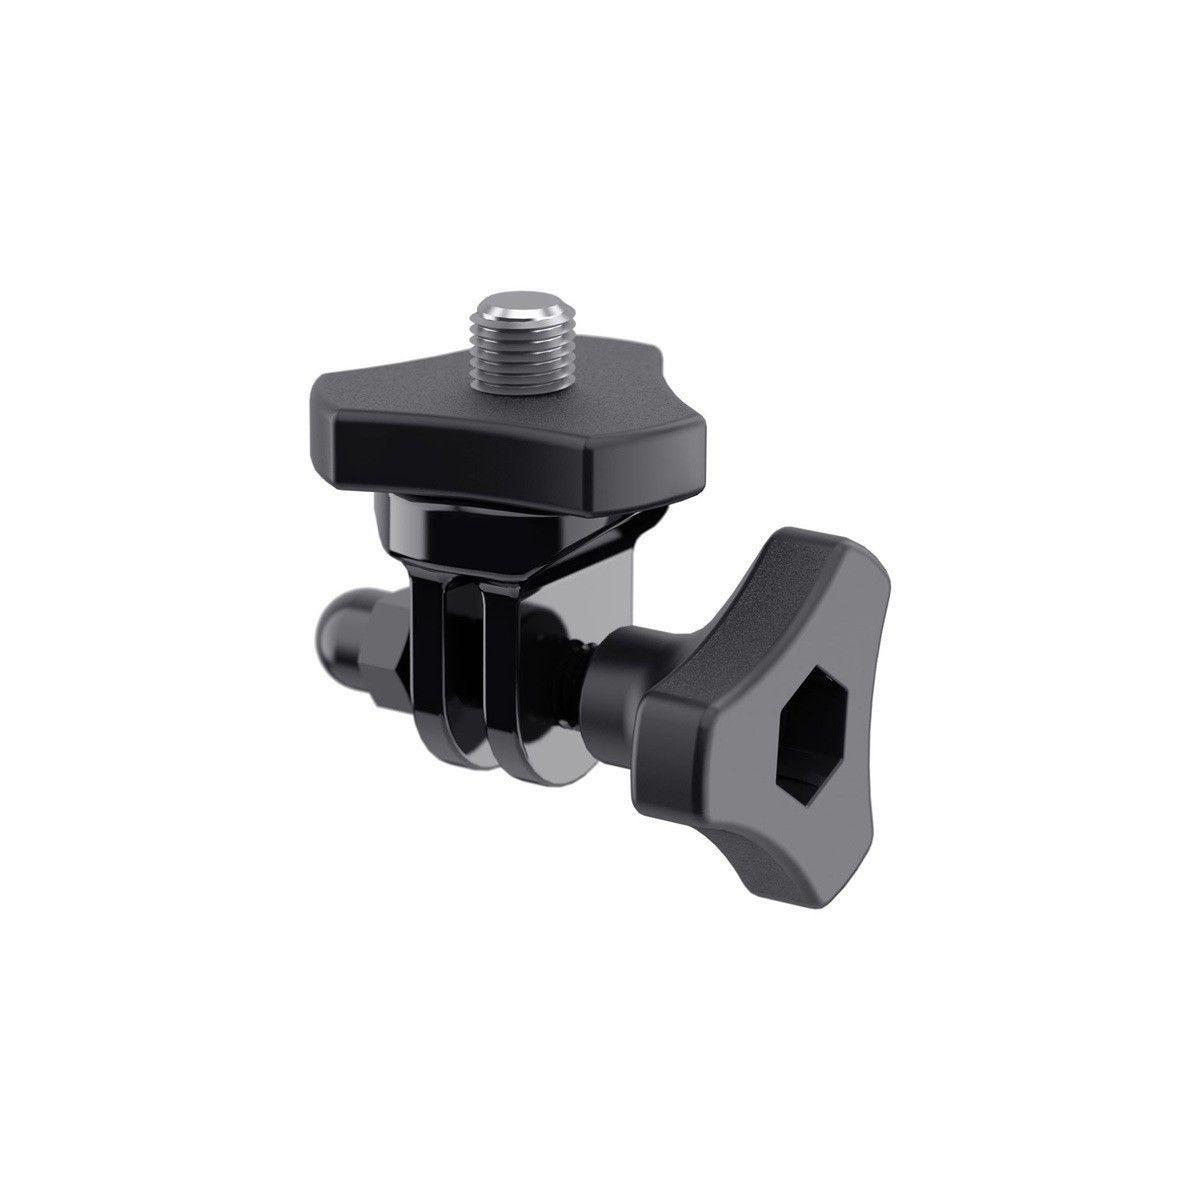 SP Gadgets Tripod screw adaptador